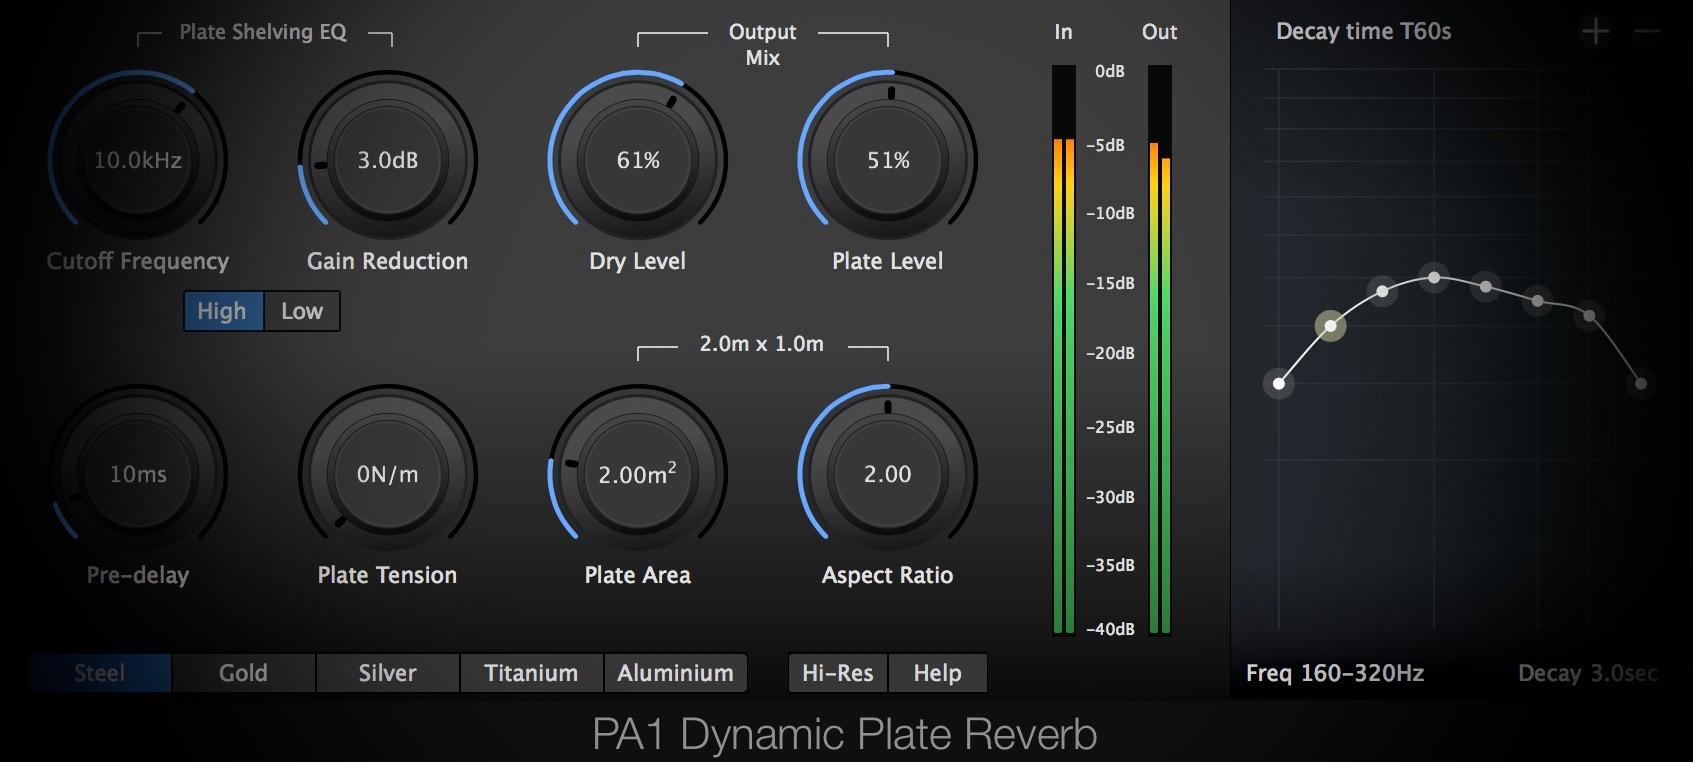 PA1 Dynamic Plate Reverb